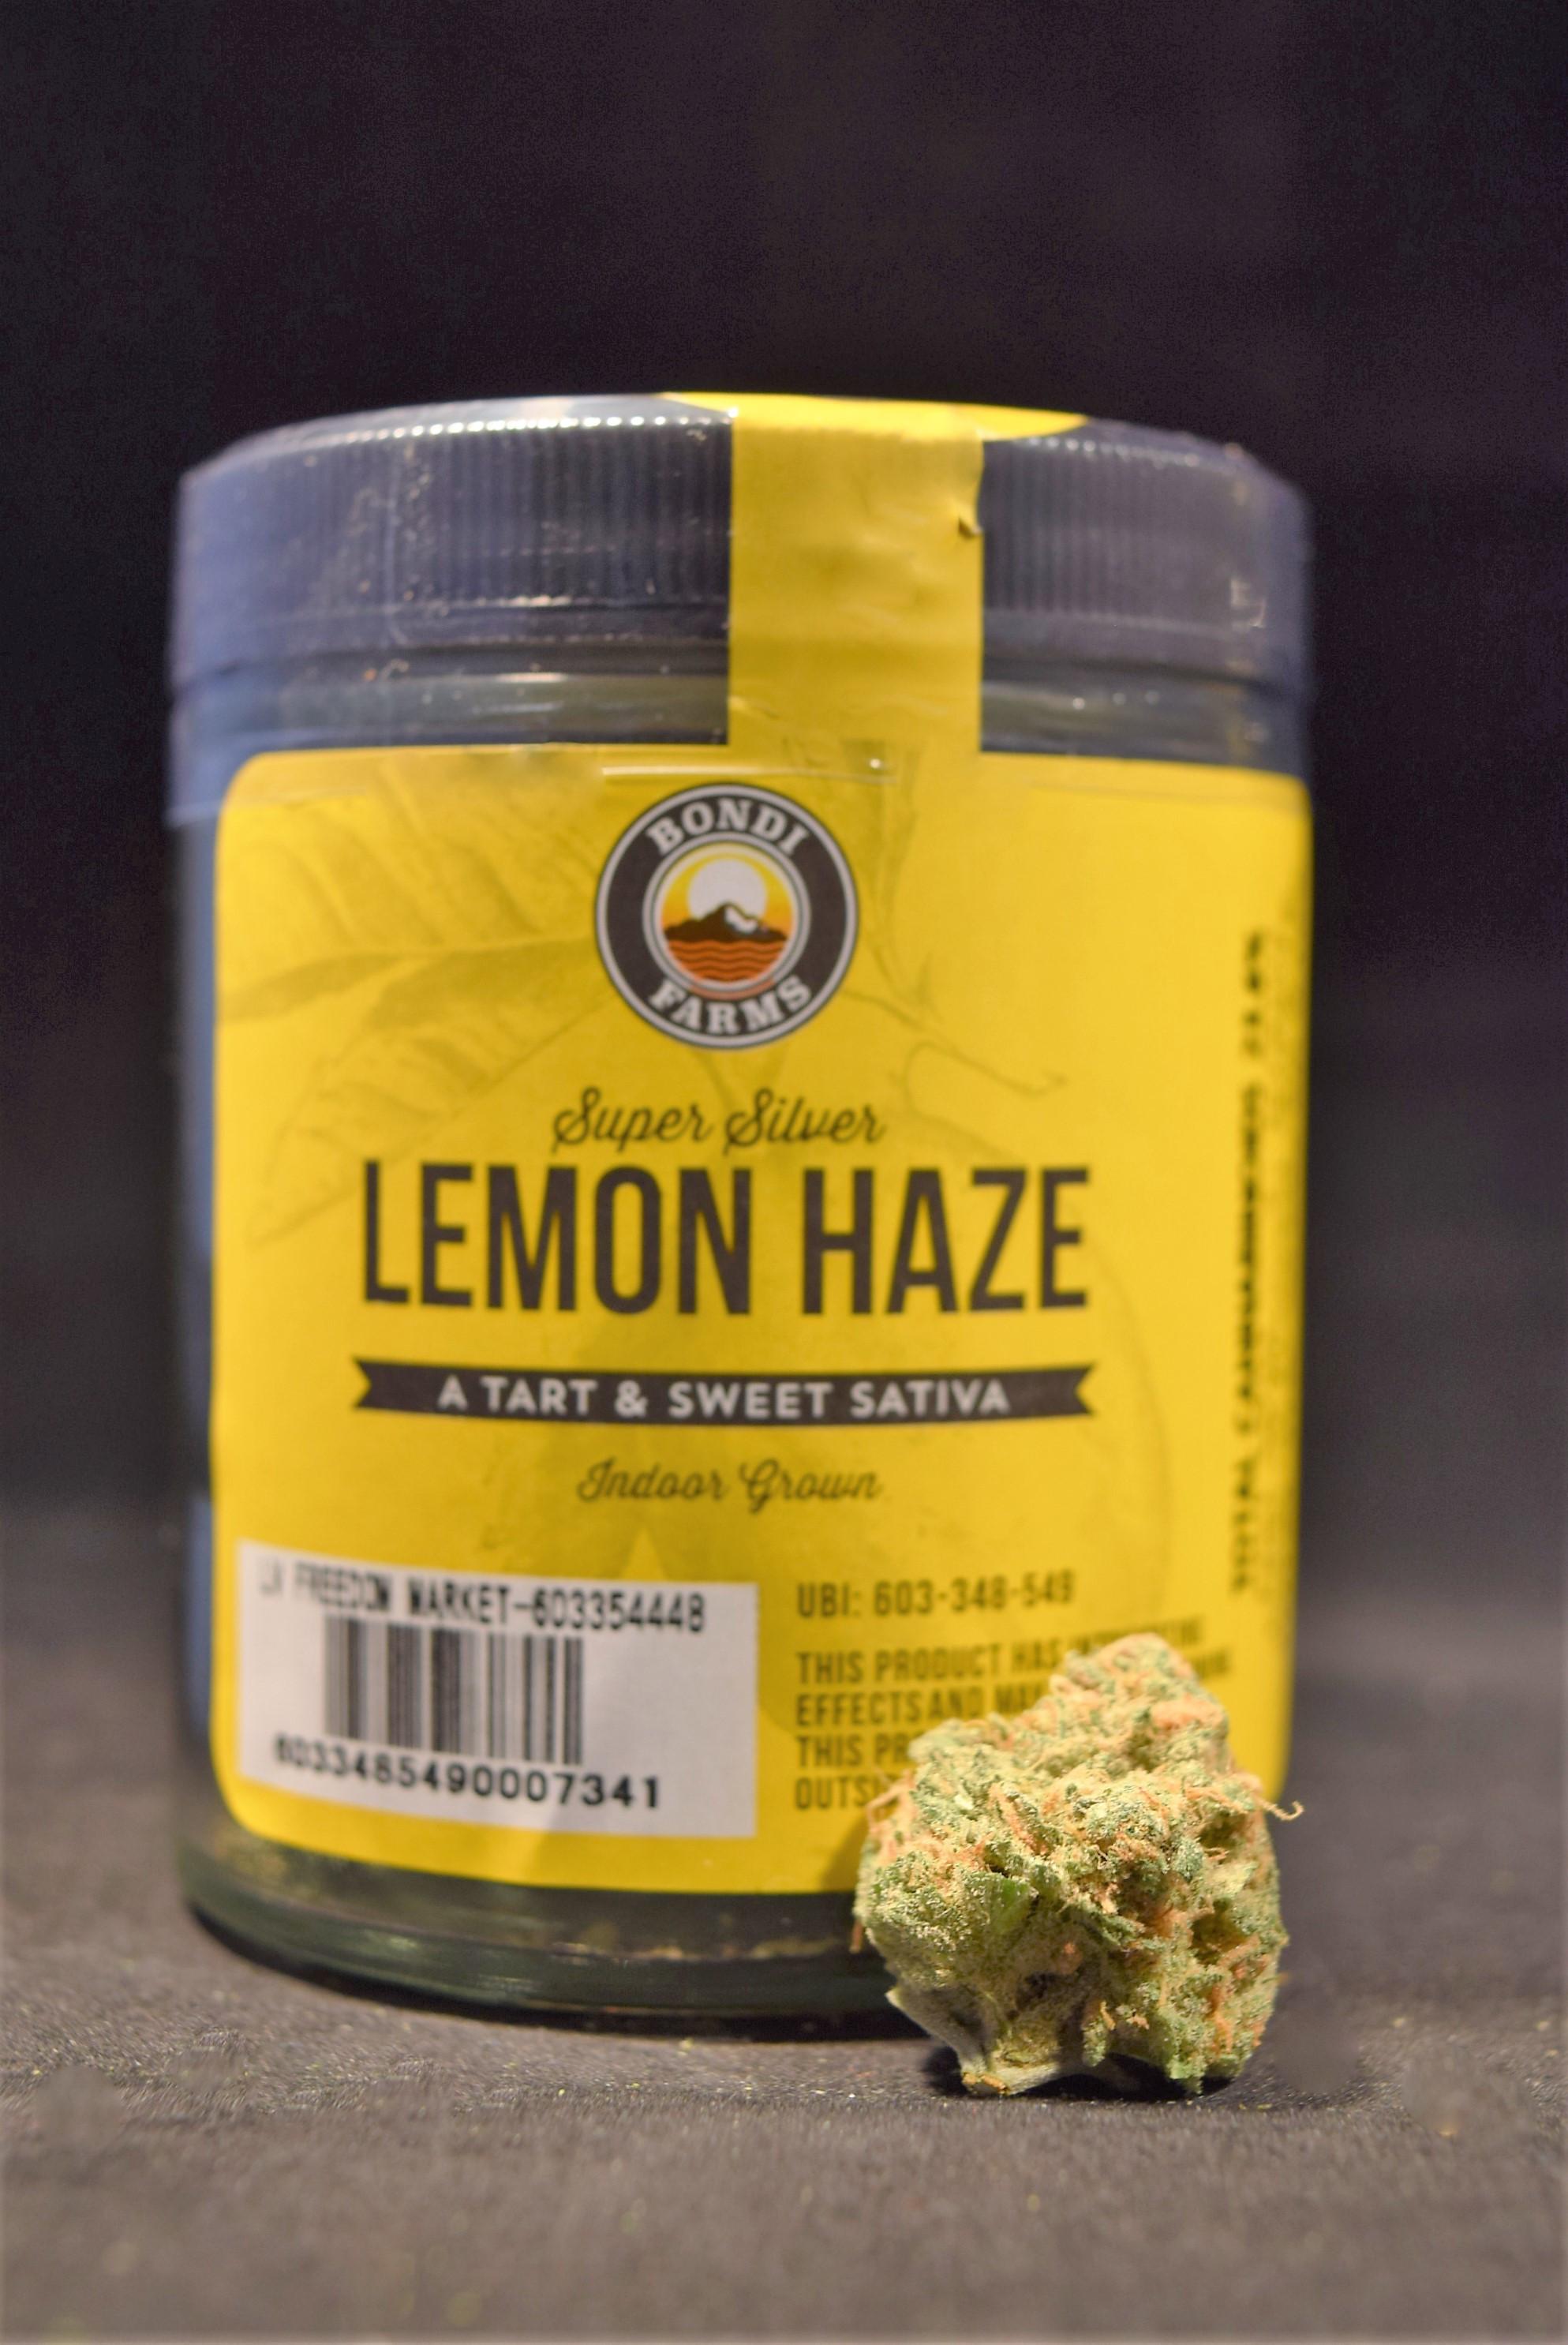 Super Silver Lemon Haze  Product image